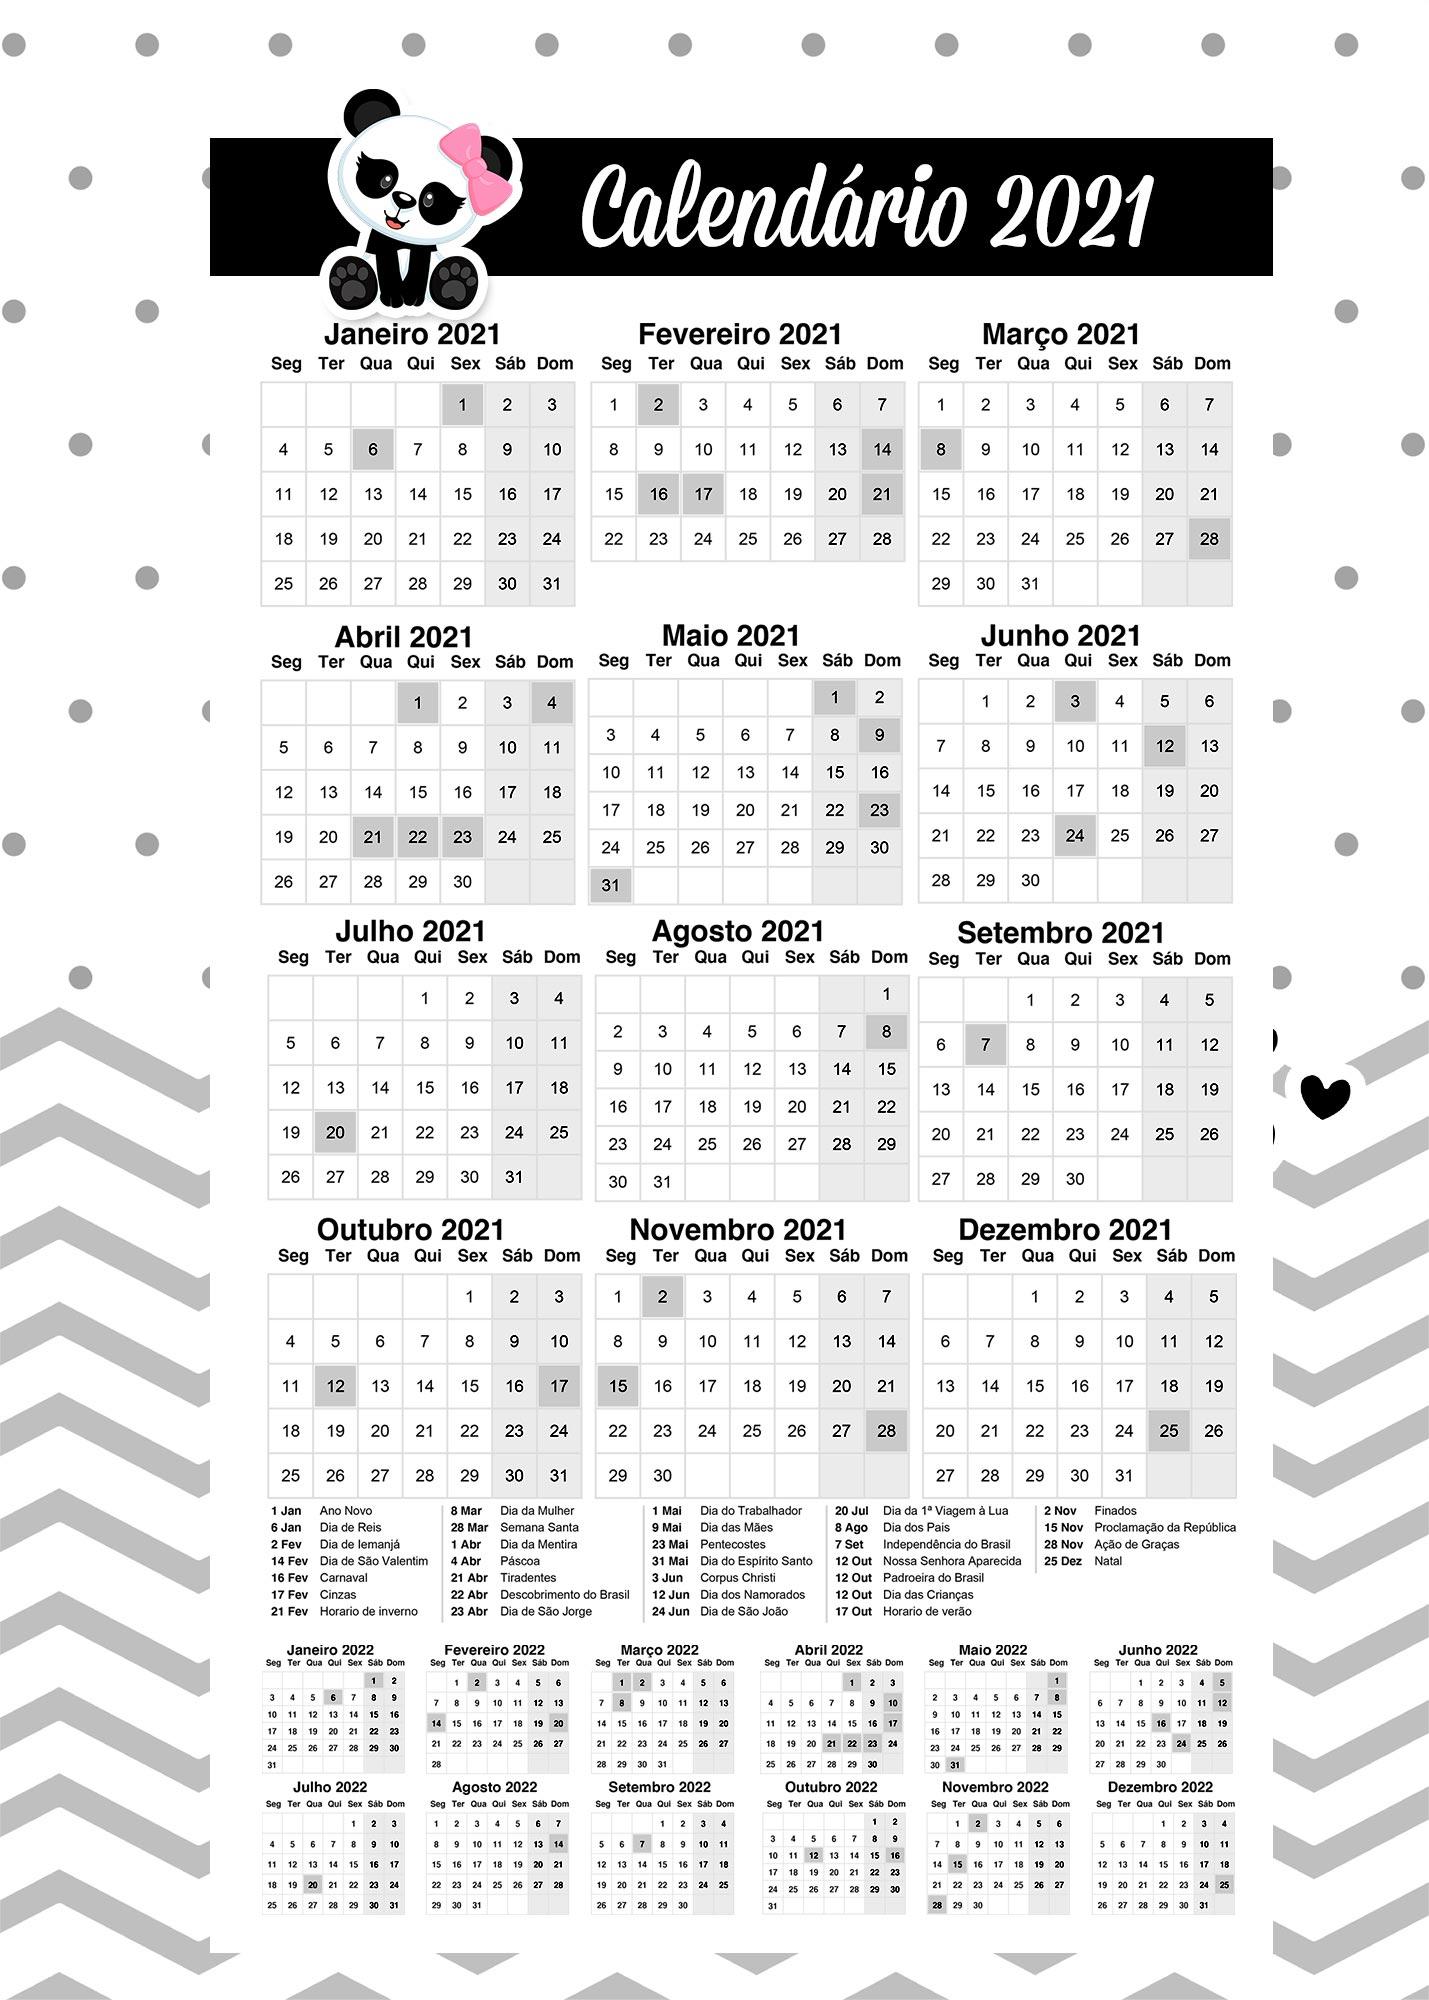 Calendario Professor Panda Rosa 2021